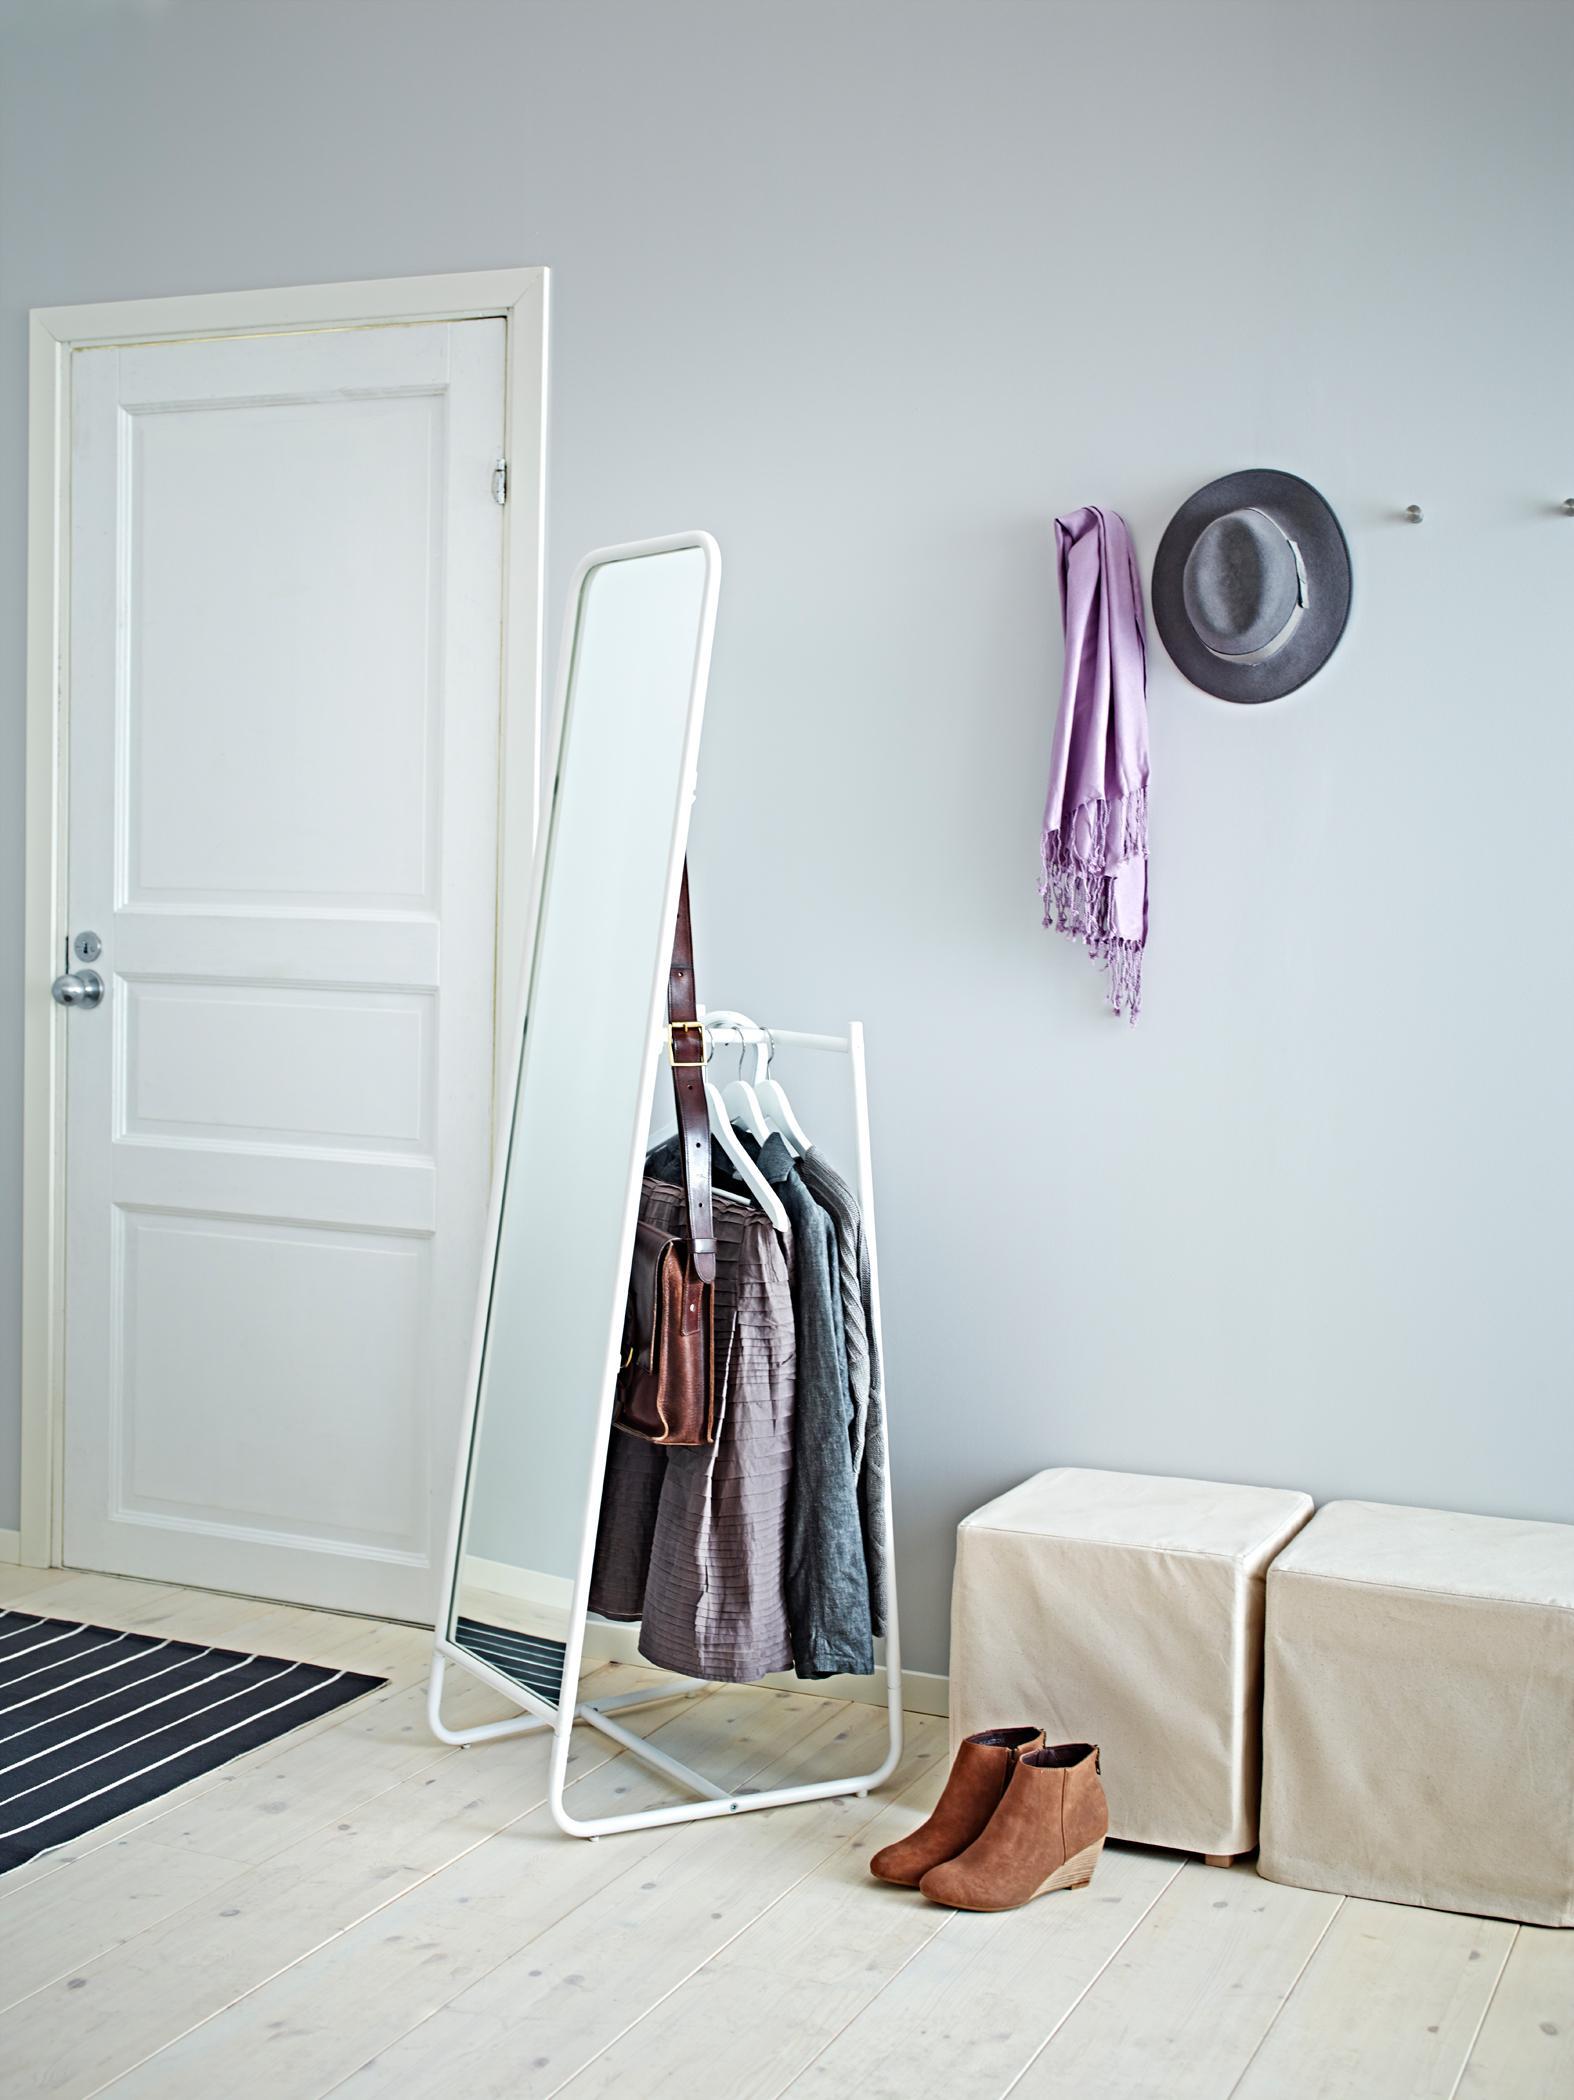 Spiegel Garderoben Kombination kleiderständer ikea...